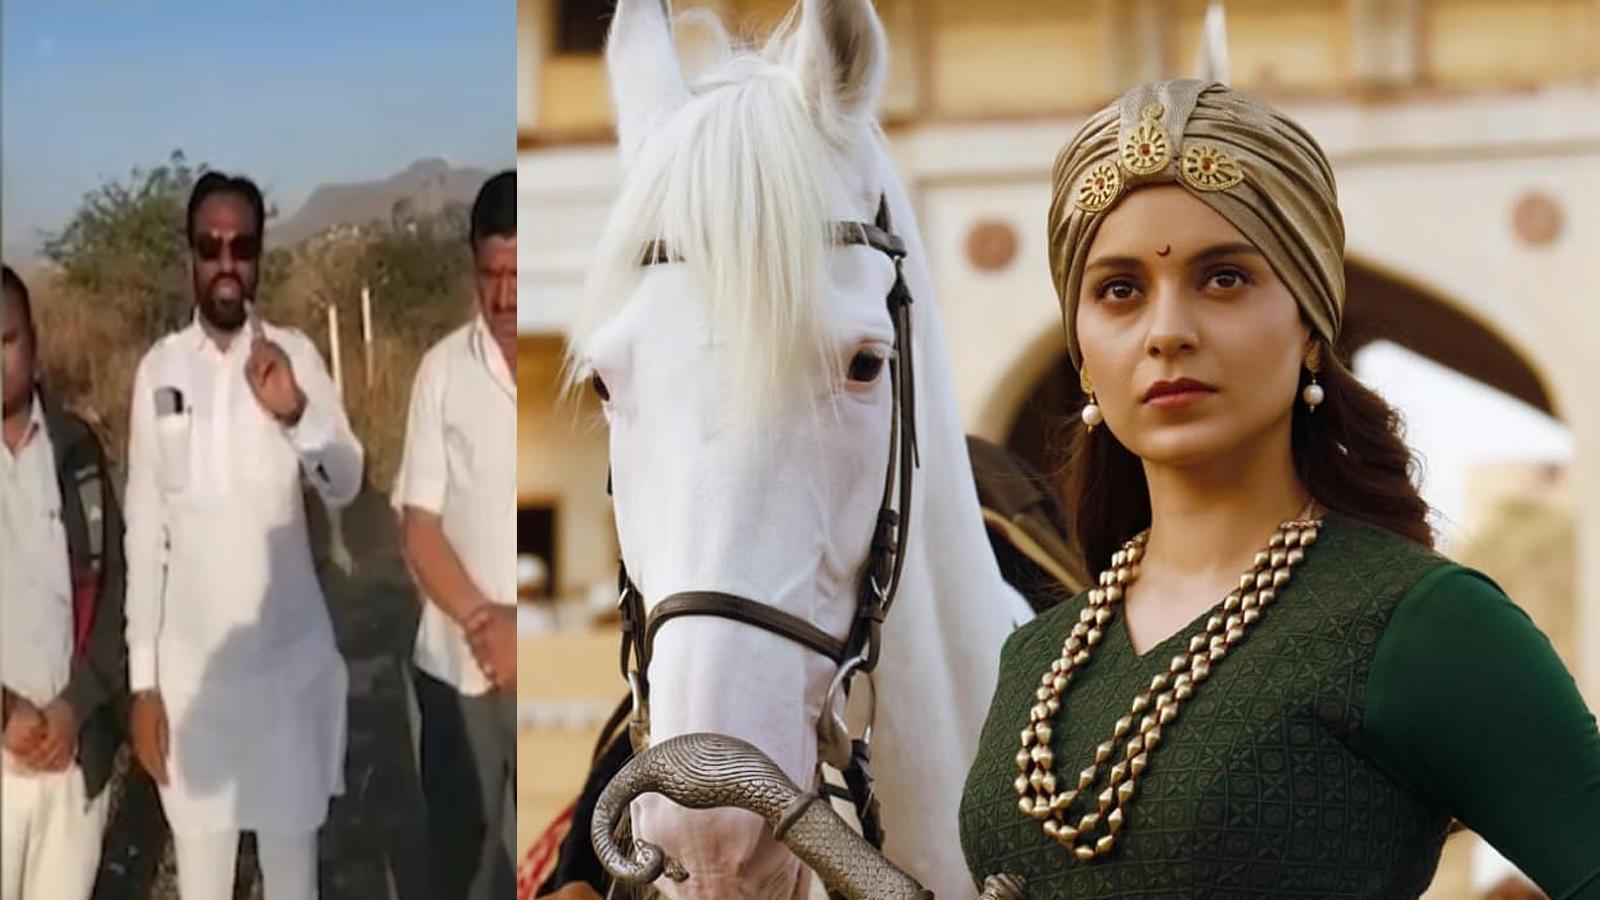 manikarnika-the-queen-of-jhansi-karni-sena-issues-fresh-threat-to-kangana-ranaut